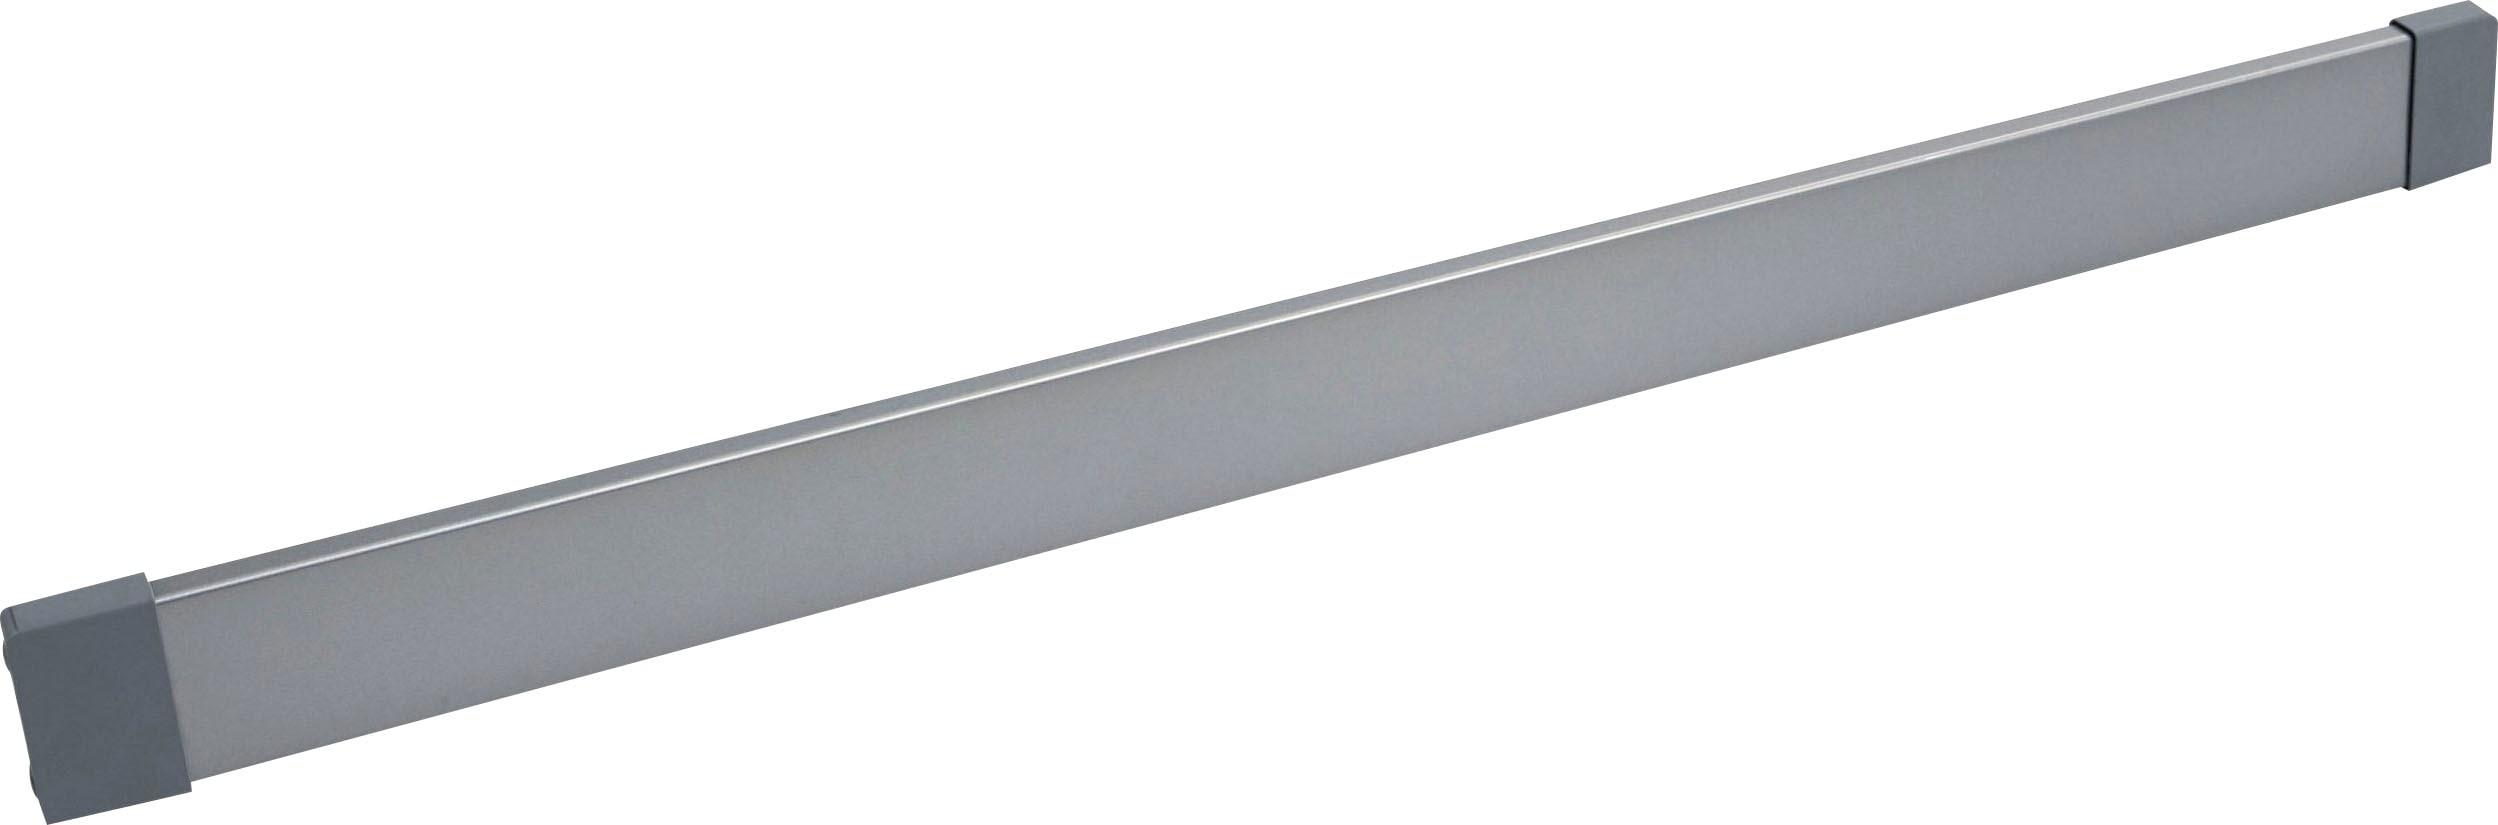 MARLIN Schubladeneinsatz, zur Inneneinteilung, Breite 67,5 cm grau Schubladeneinsatz Zubehör Schubkästen für Möbel